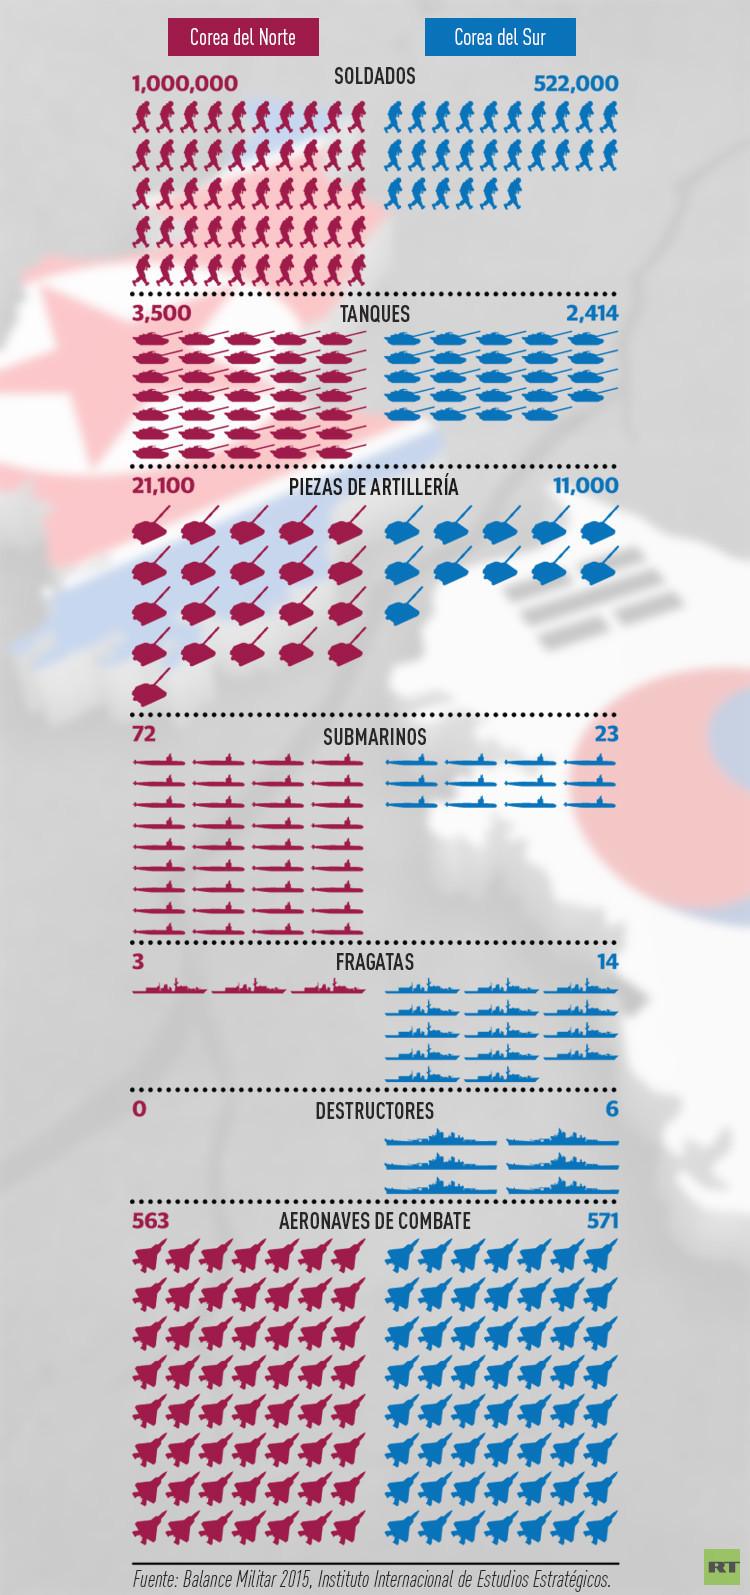 Infografia Corea del Norte Corea del Su